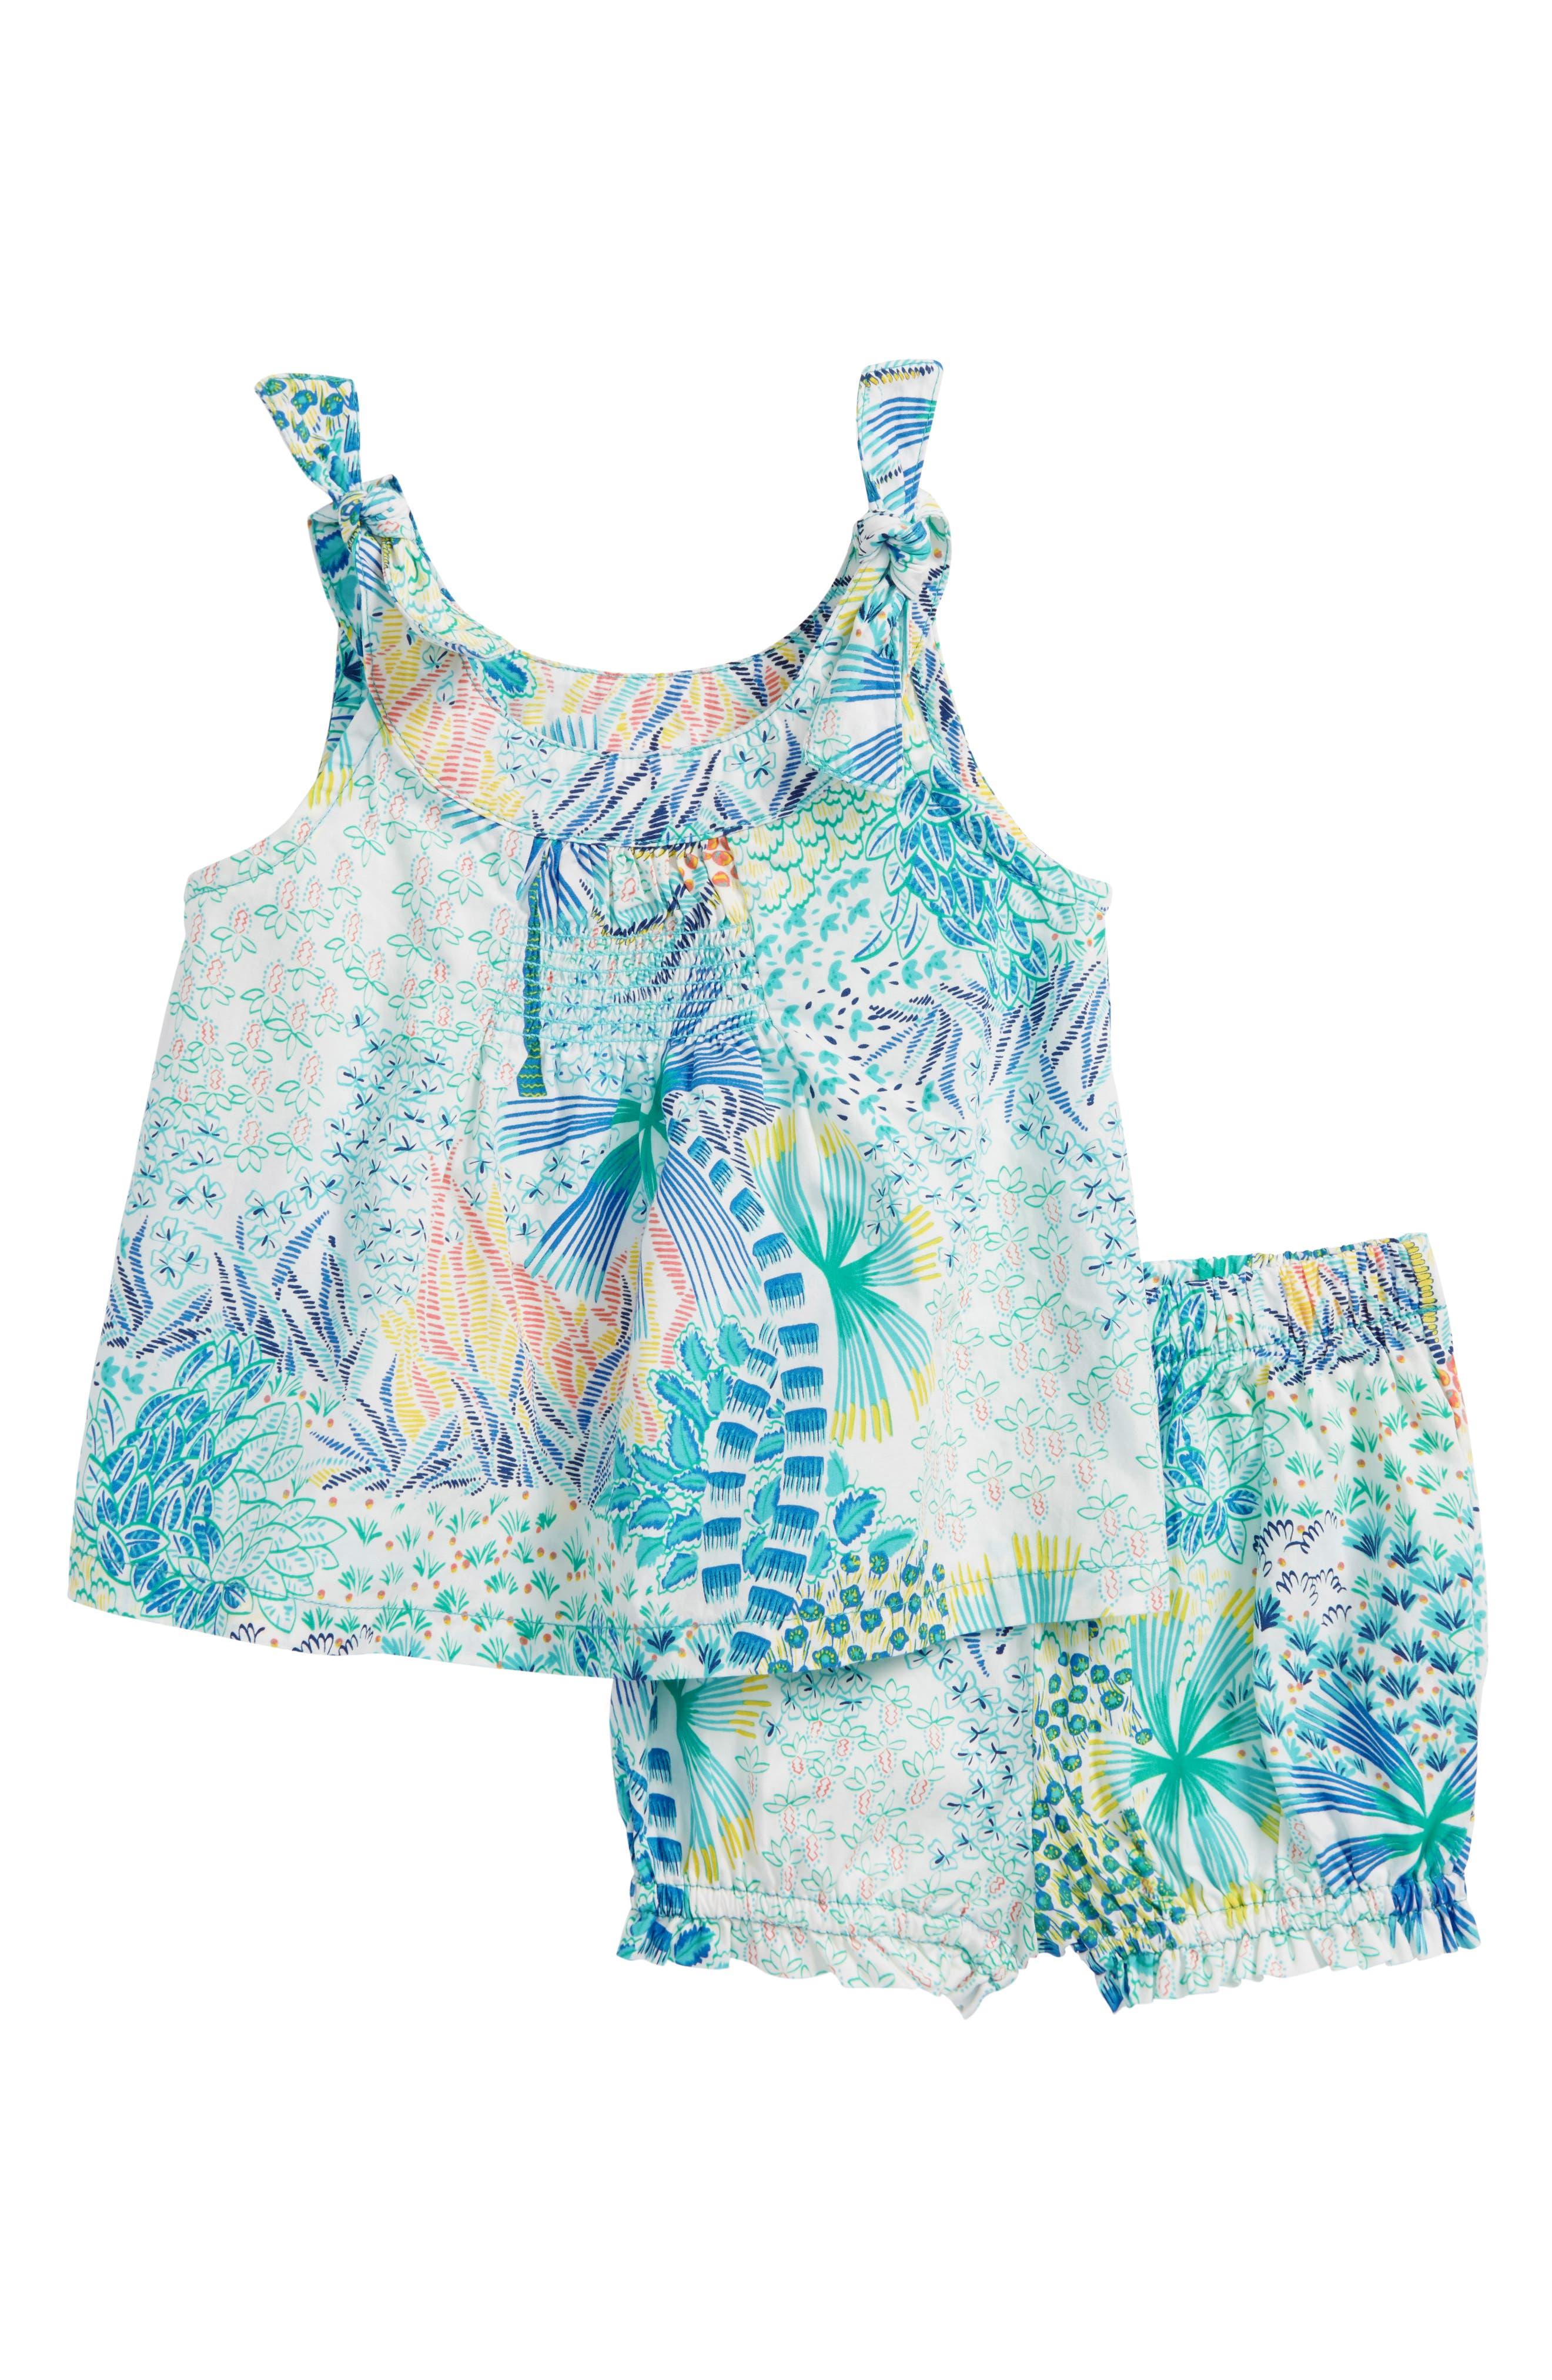 Tropical Floral Top & Shorts Set,                         Main,                         color, Tropical Palms